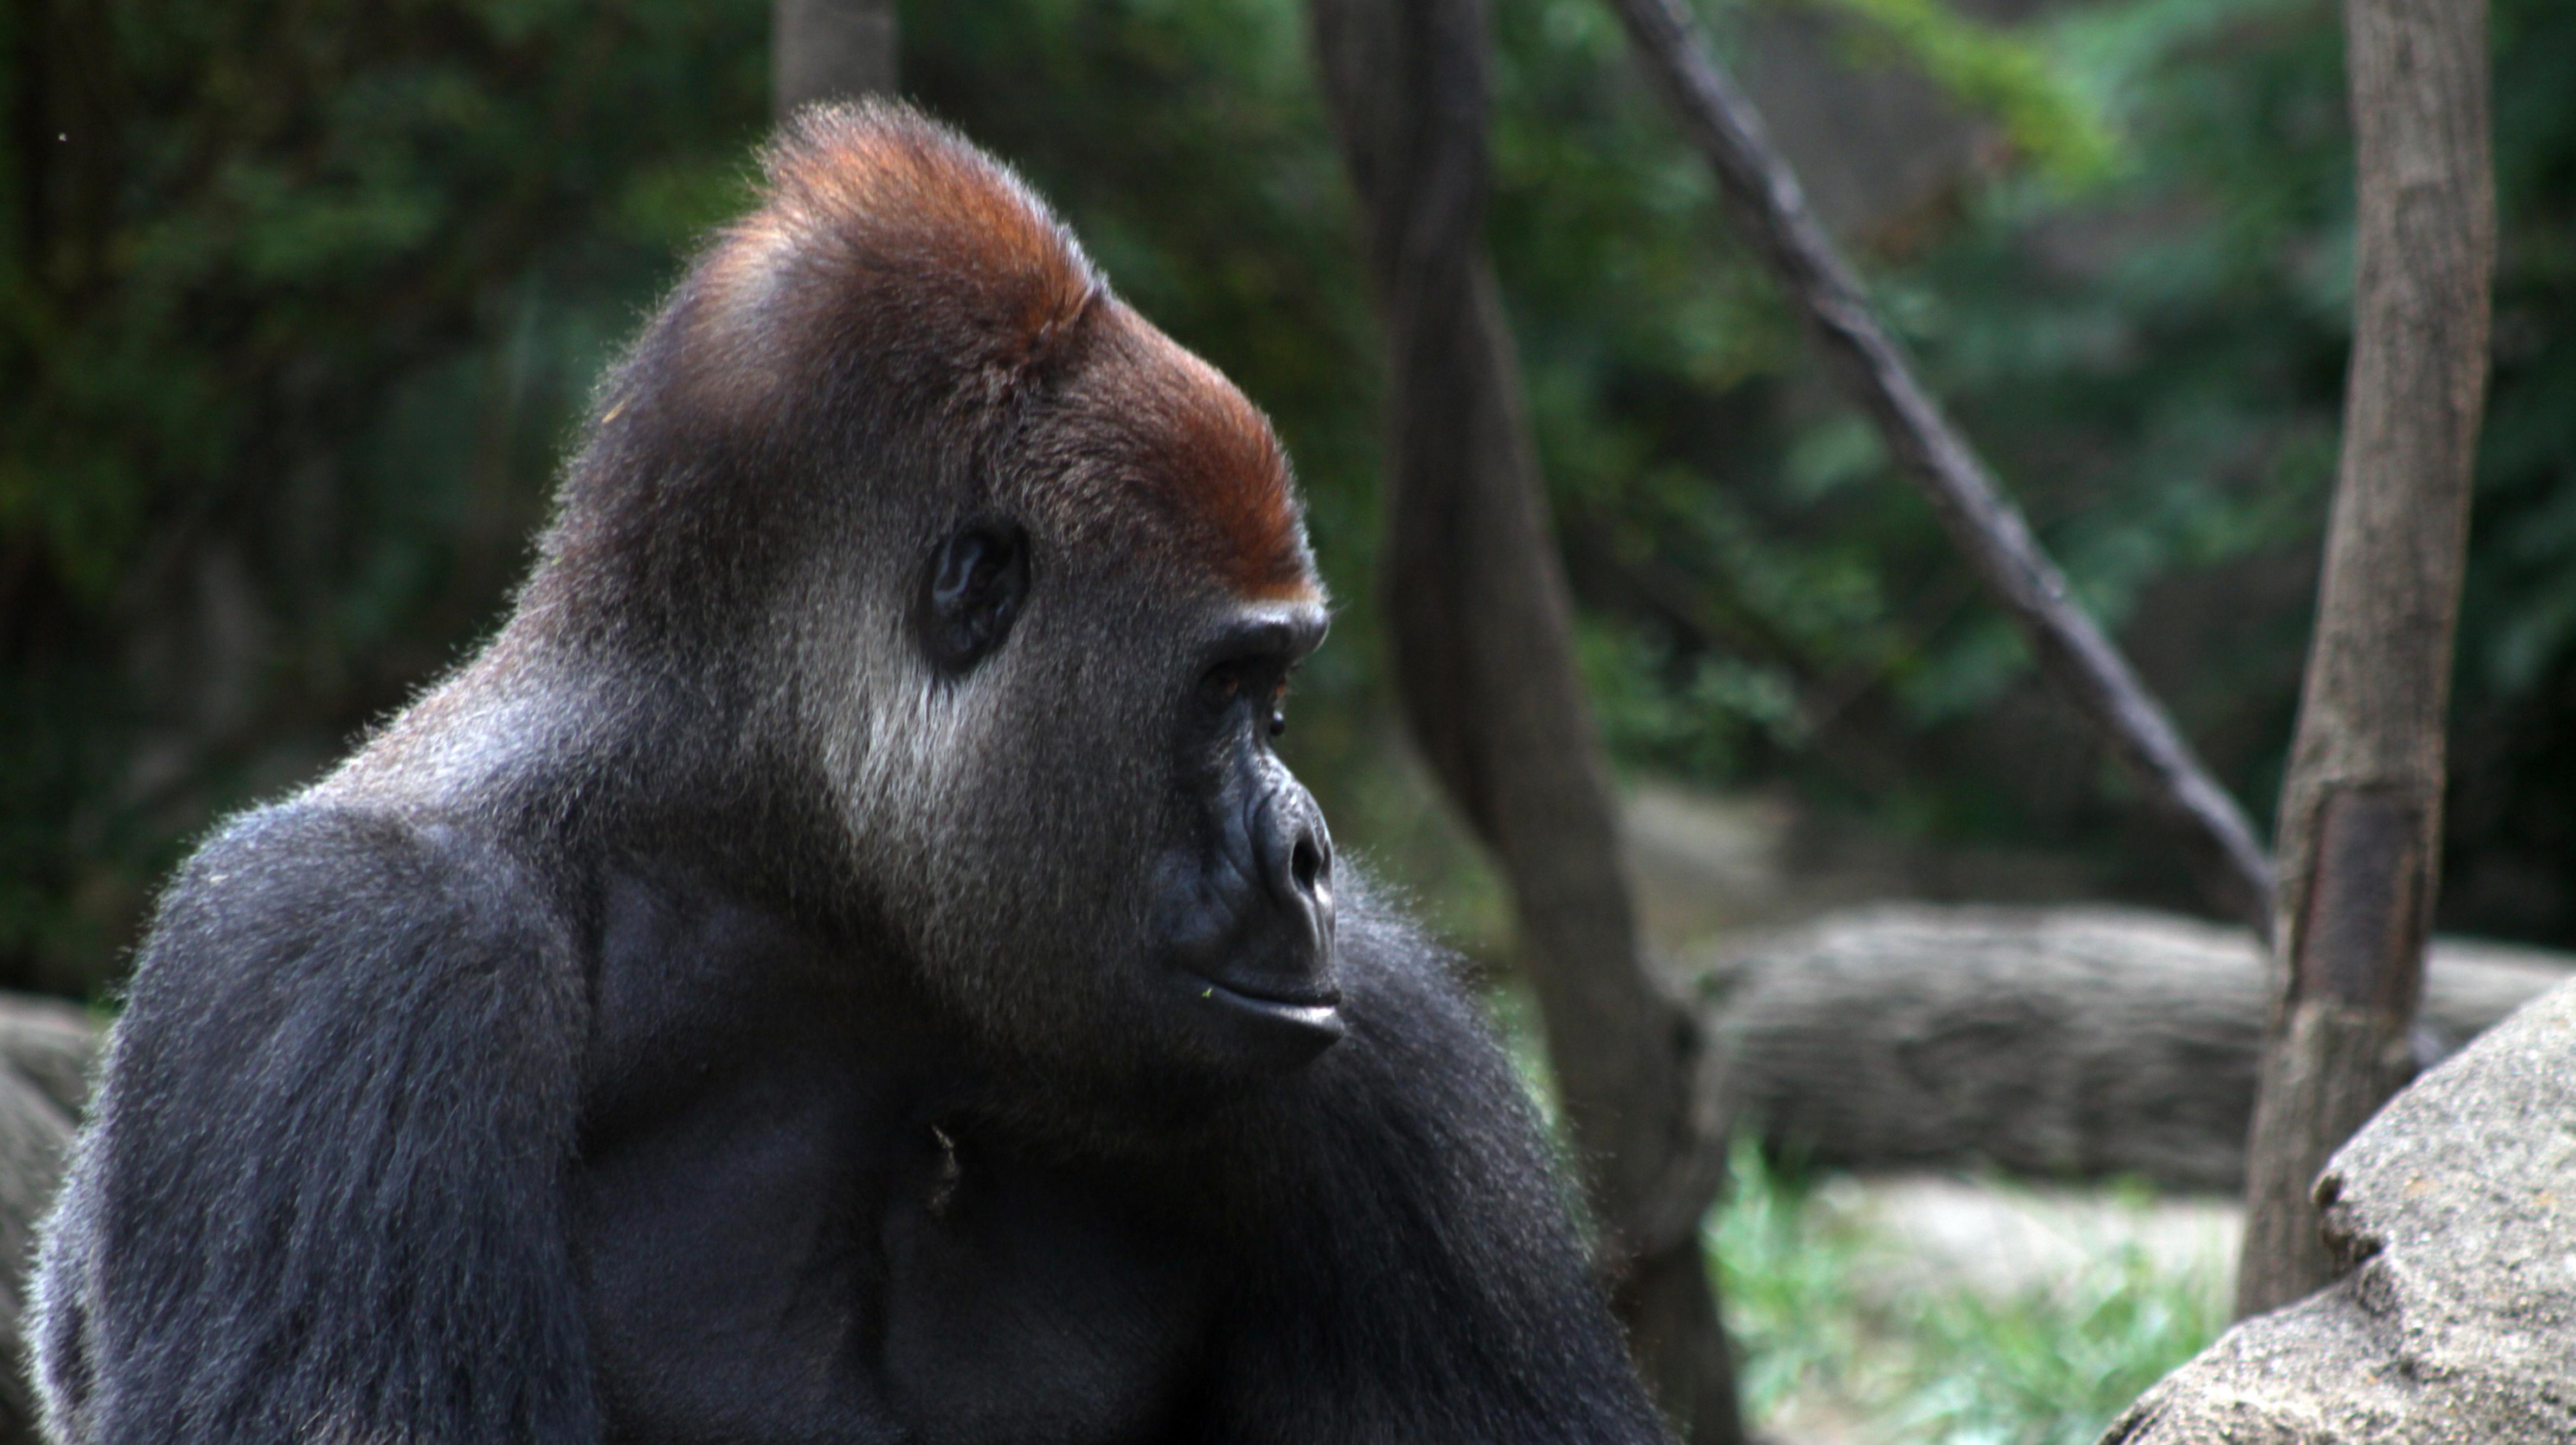 p_harambe_gorilla.jpeg